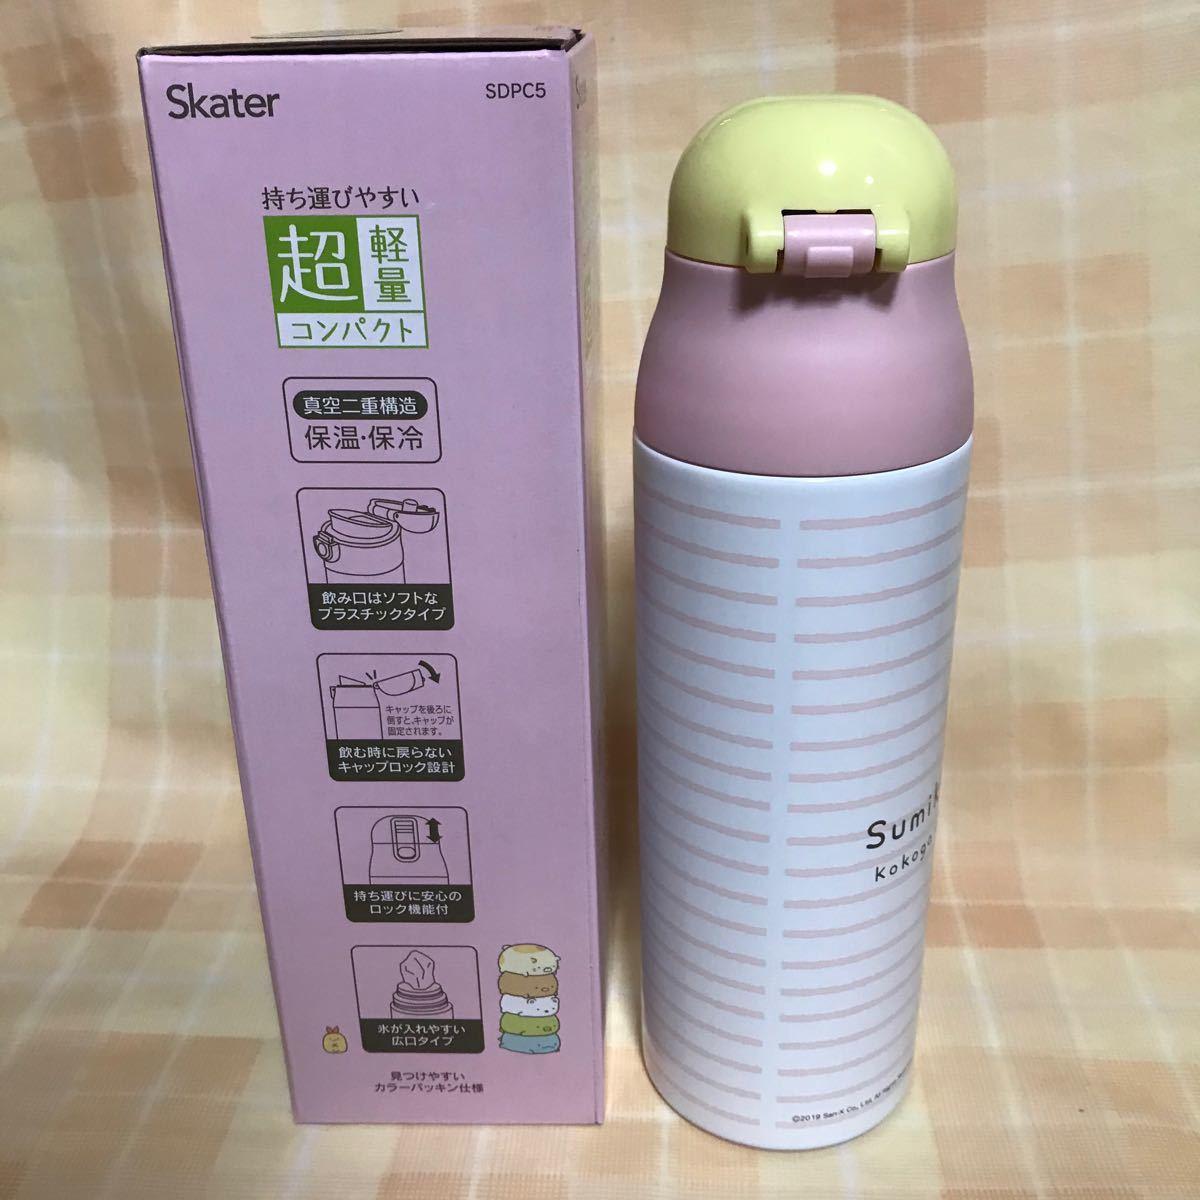 新品★すみっコぐらし★ロック付ワンプッシュステンレスマグボトル